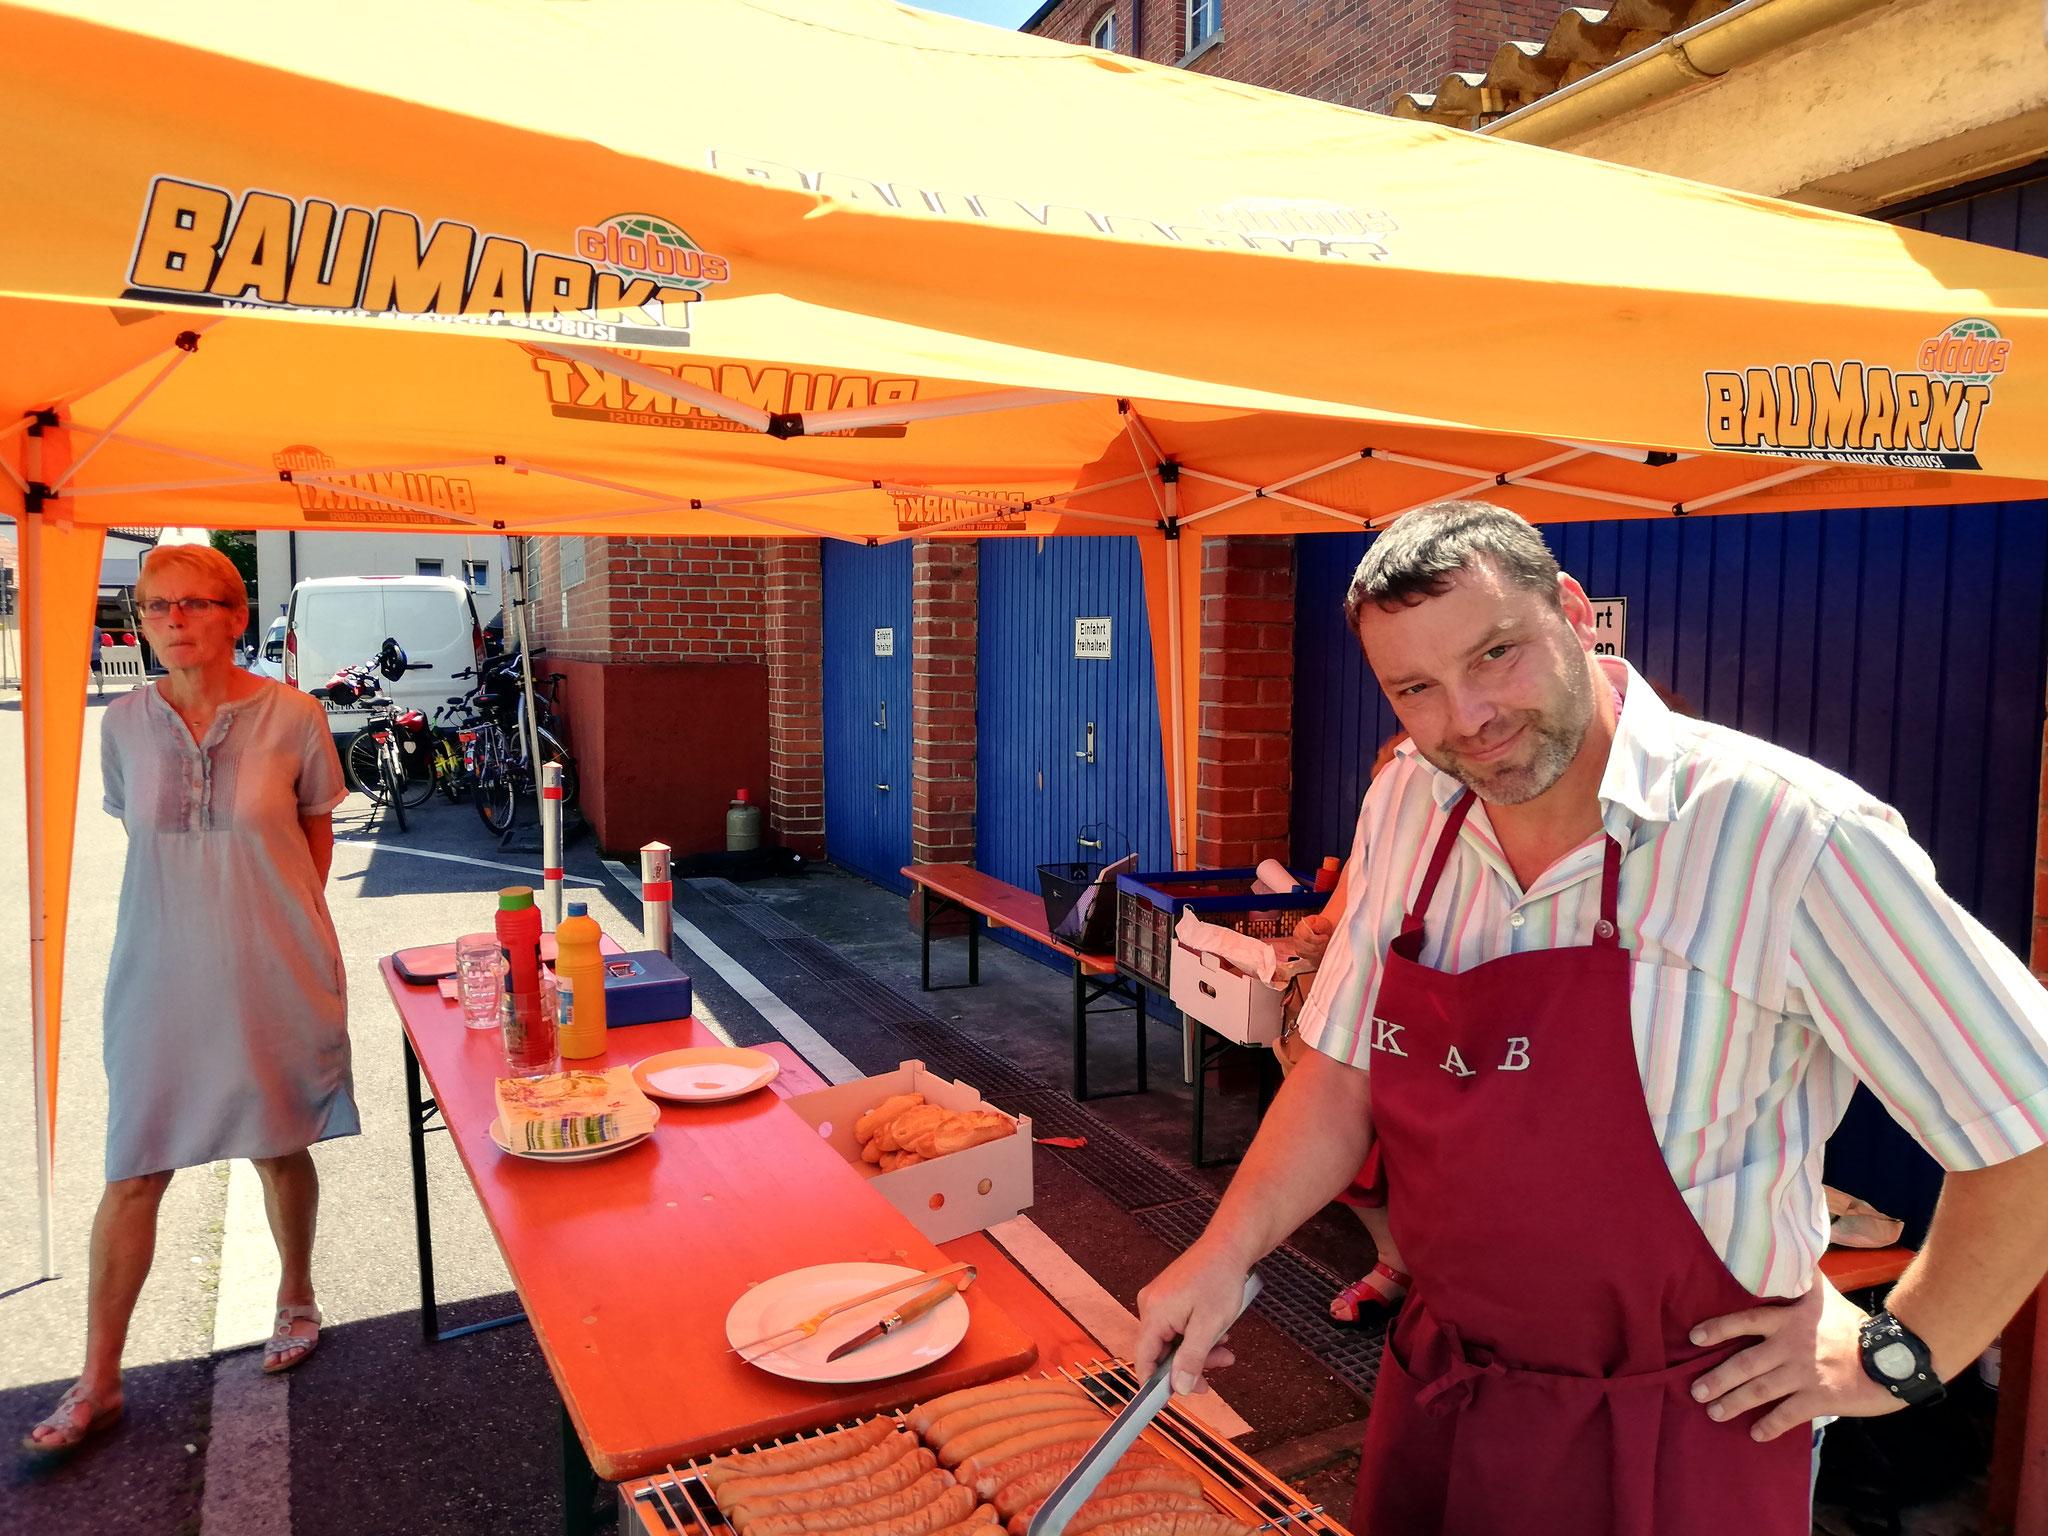 die beliebten KAB - Rote und Thüringer im Brötchen schmecken lecker